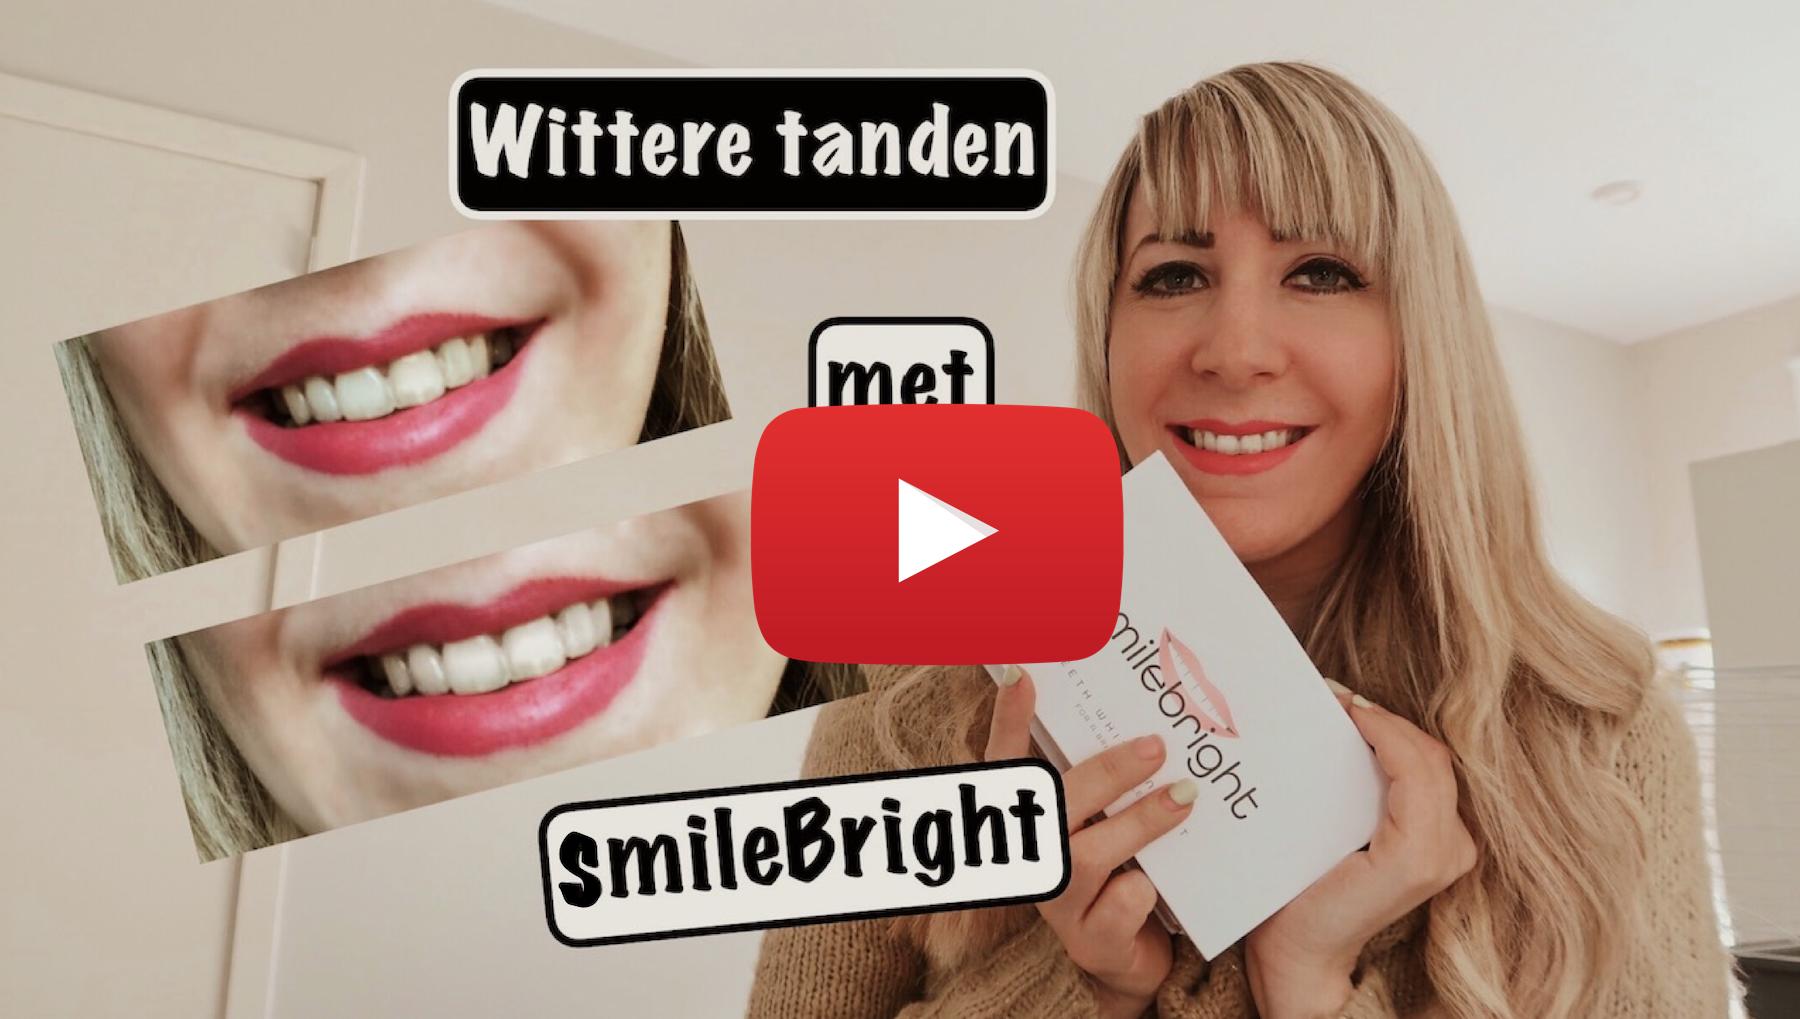 jenna minnie fashion blog smilebright wittere tanden